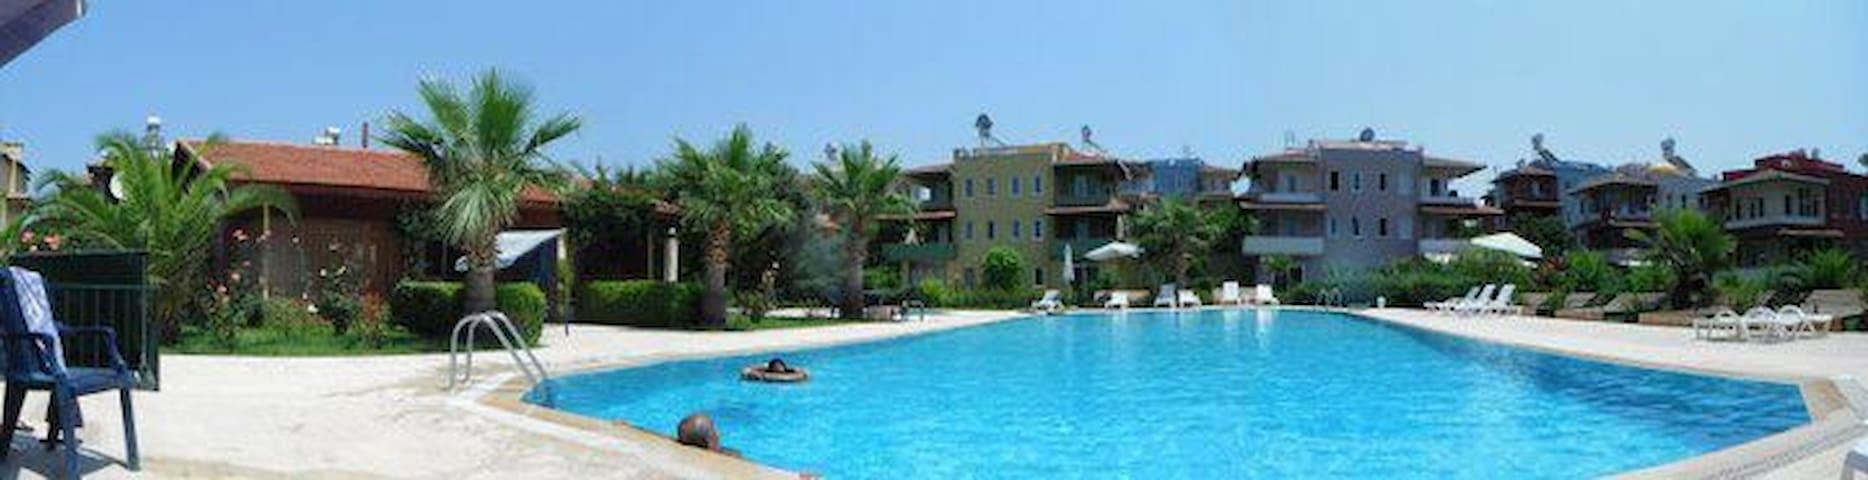 Villa Moderne  - Kızılot - Ev